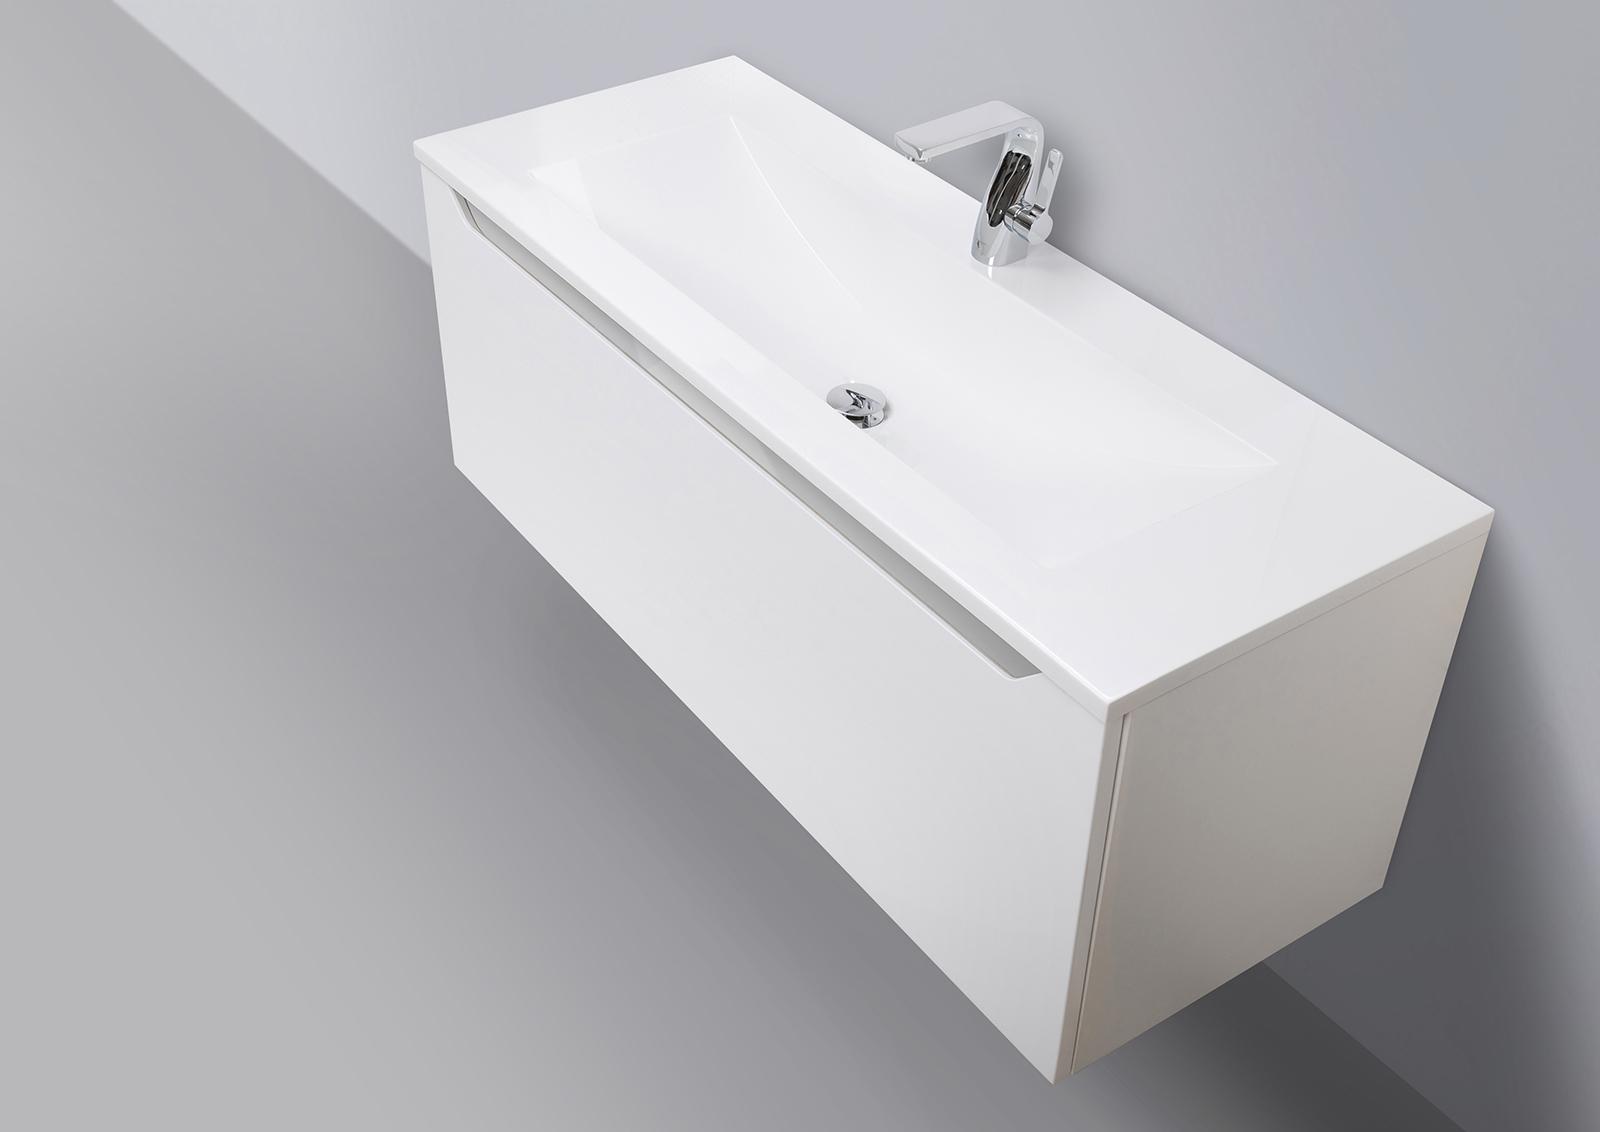 waschtisch mit unterschrank badm bel set monza 120 cm grifflos. Black Bedroom Furniture Sets. Home Design Ideas